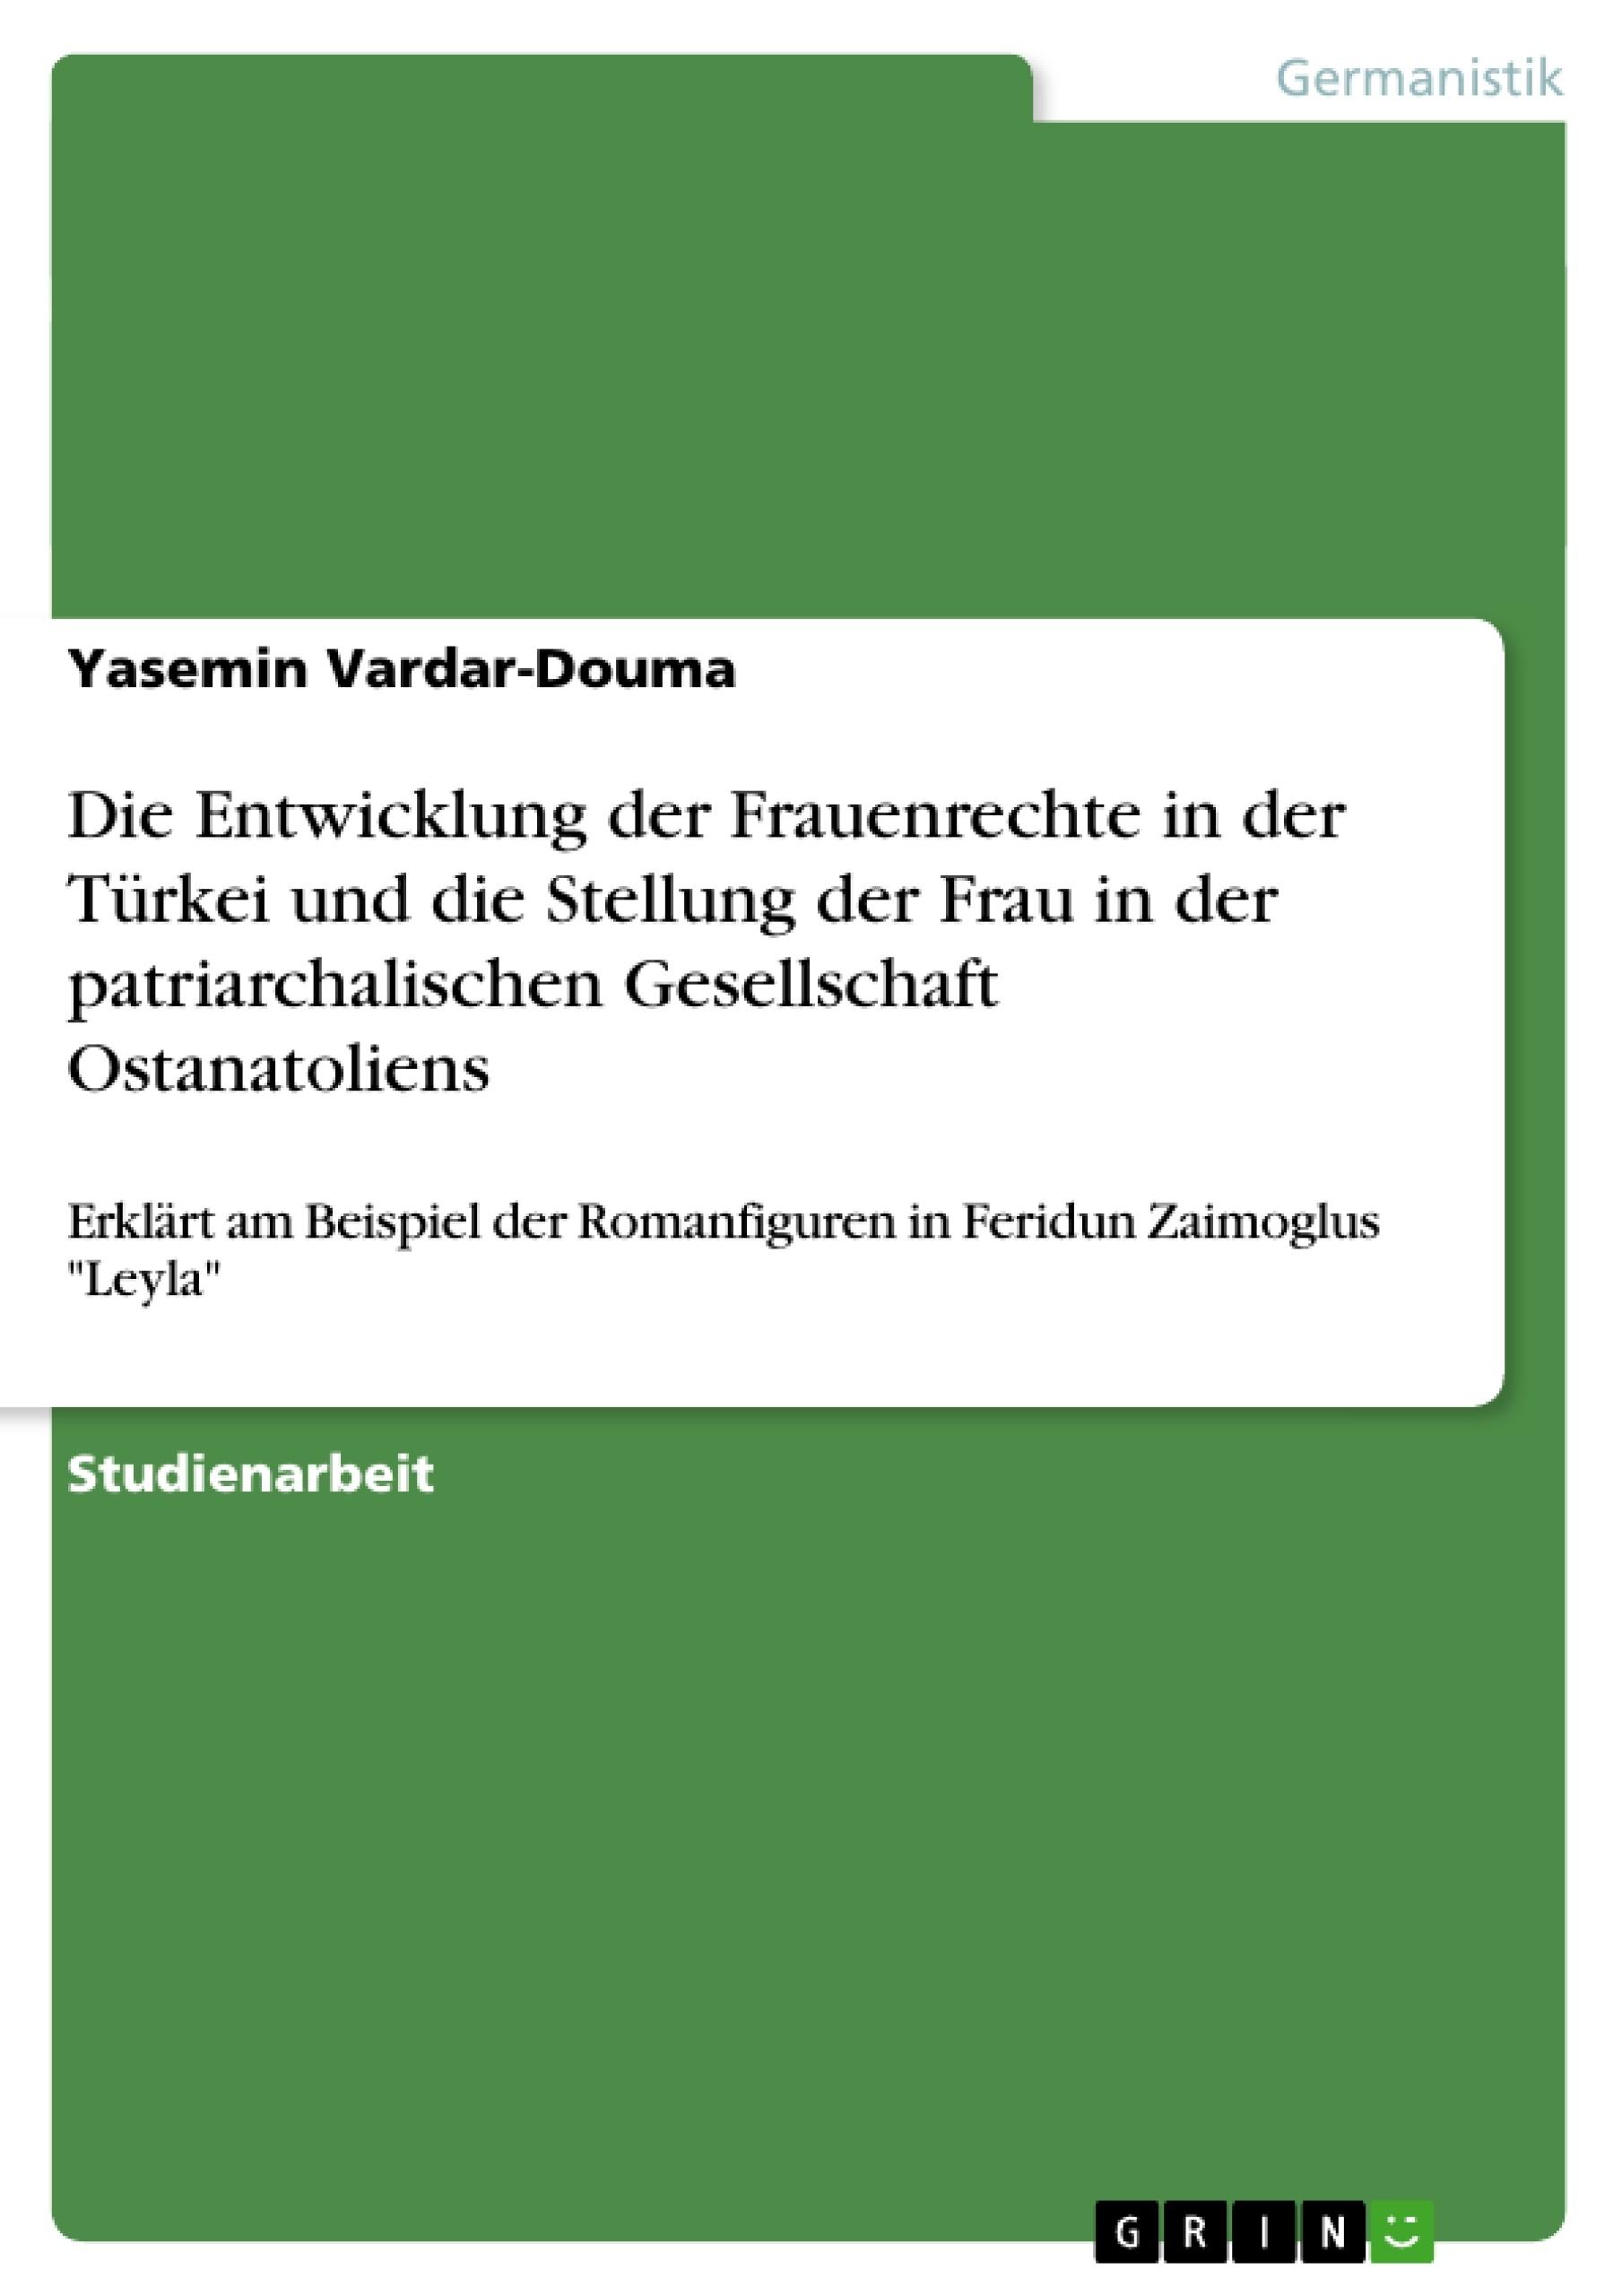 Titel: Die Entwicklung der Frauenrechte in der Türkei und die Stellung der Frau in der patriarchalischen Gesellschaft Ostanatoliens